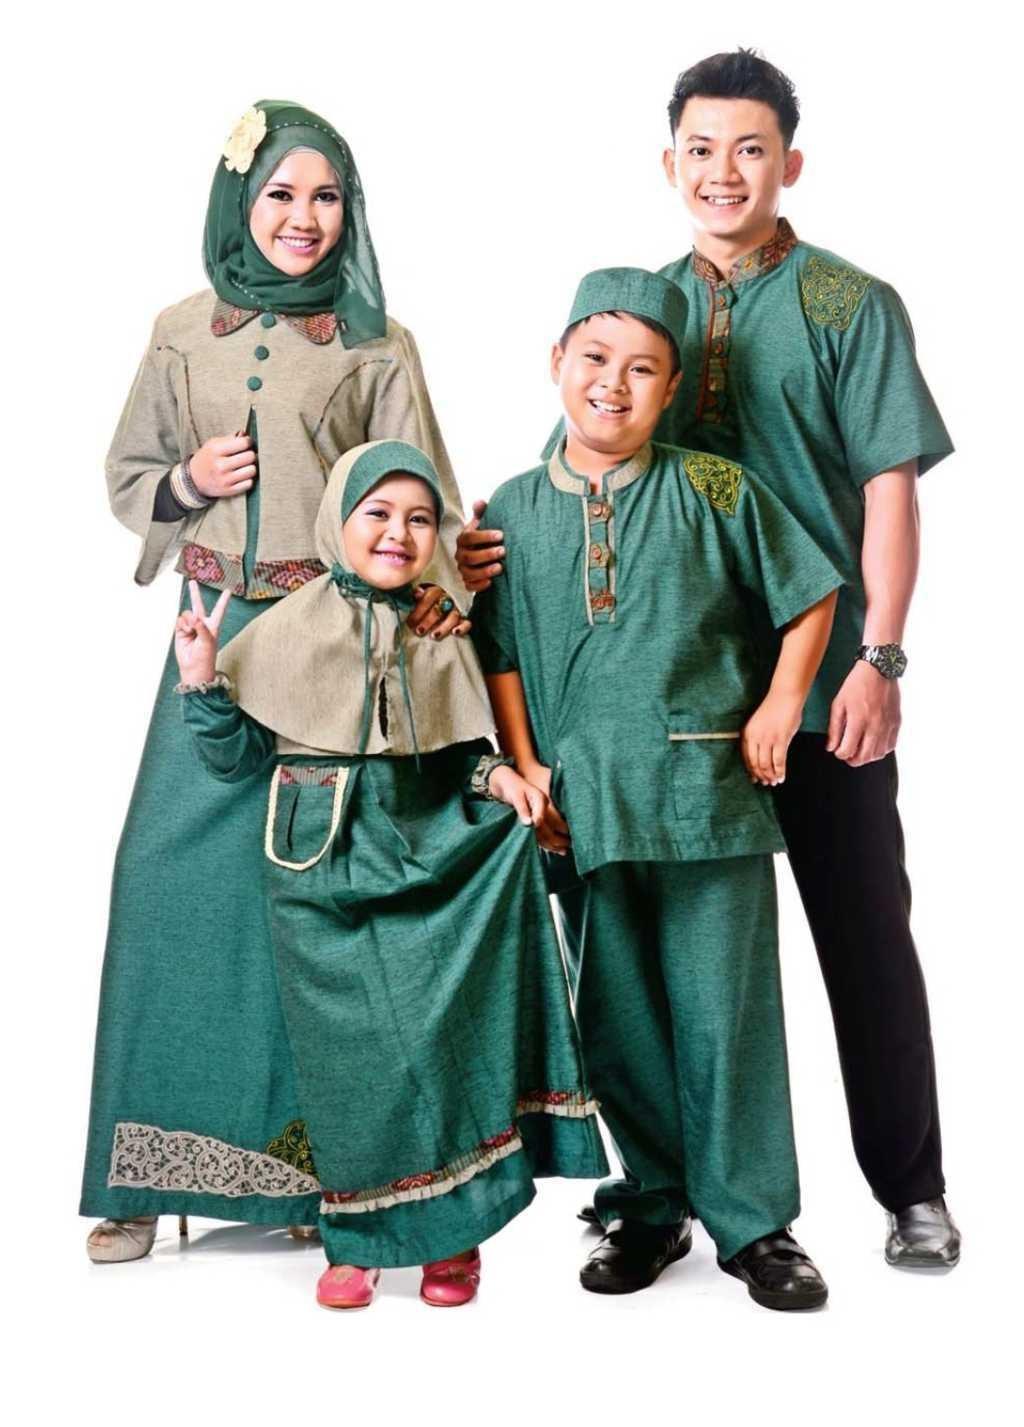 Bentuk Baju Lebaran Keluarga 2020 O2d5 25 Koleksi Gaun Pesta Muslim Terbaru 2016